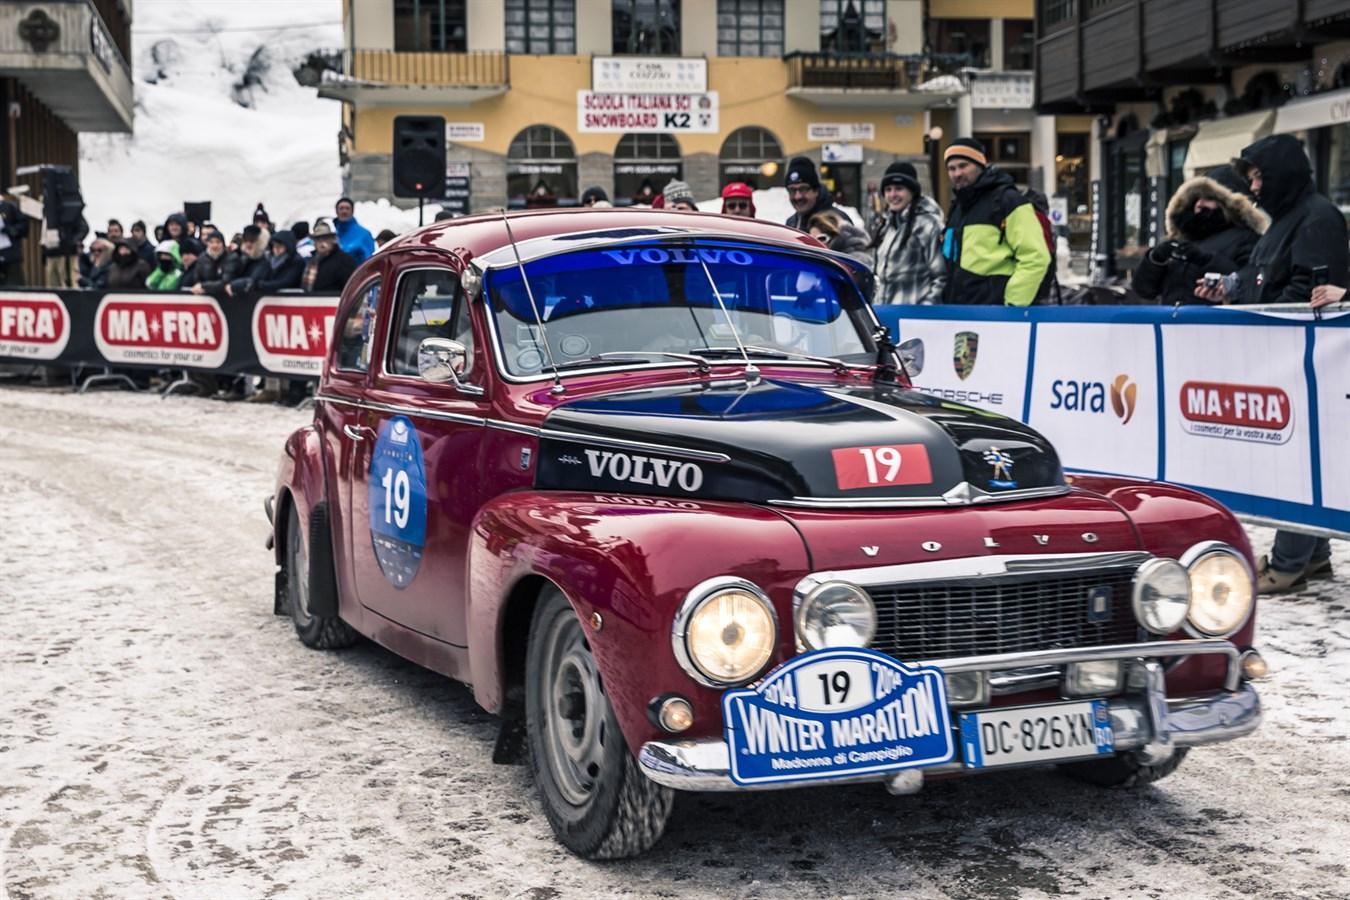 Registro Volvo d'Epoca, Club 480 Italia e Club 240 Italia si ritrovano a Bologna, nella sede di Volvo Car Italia, per il Raduno Volvo 2014